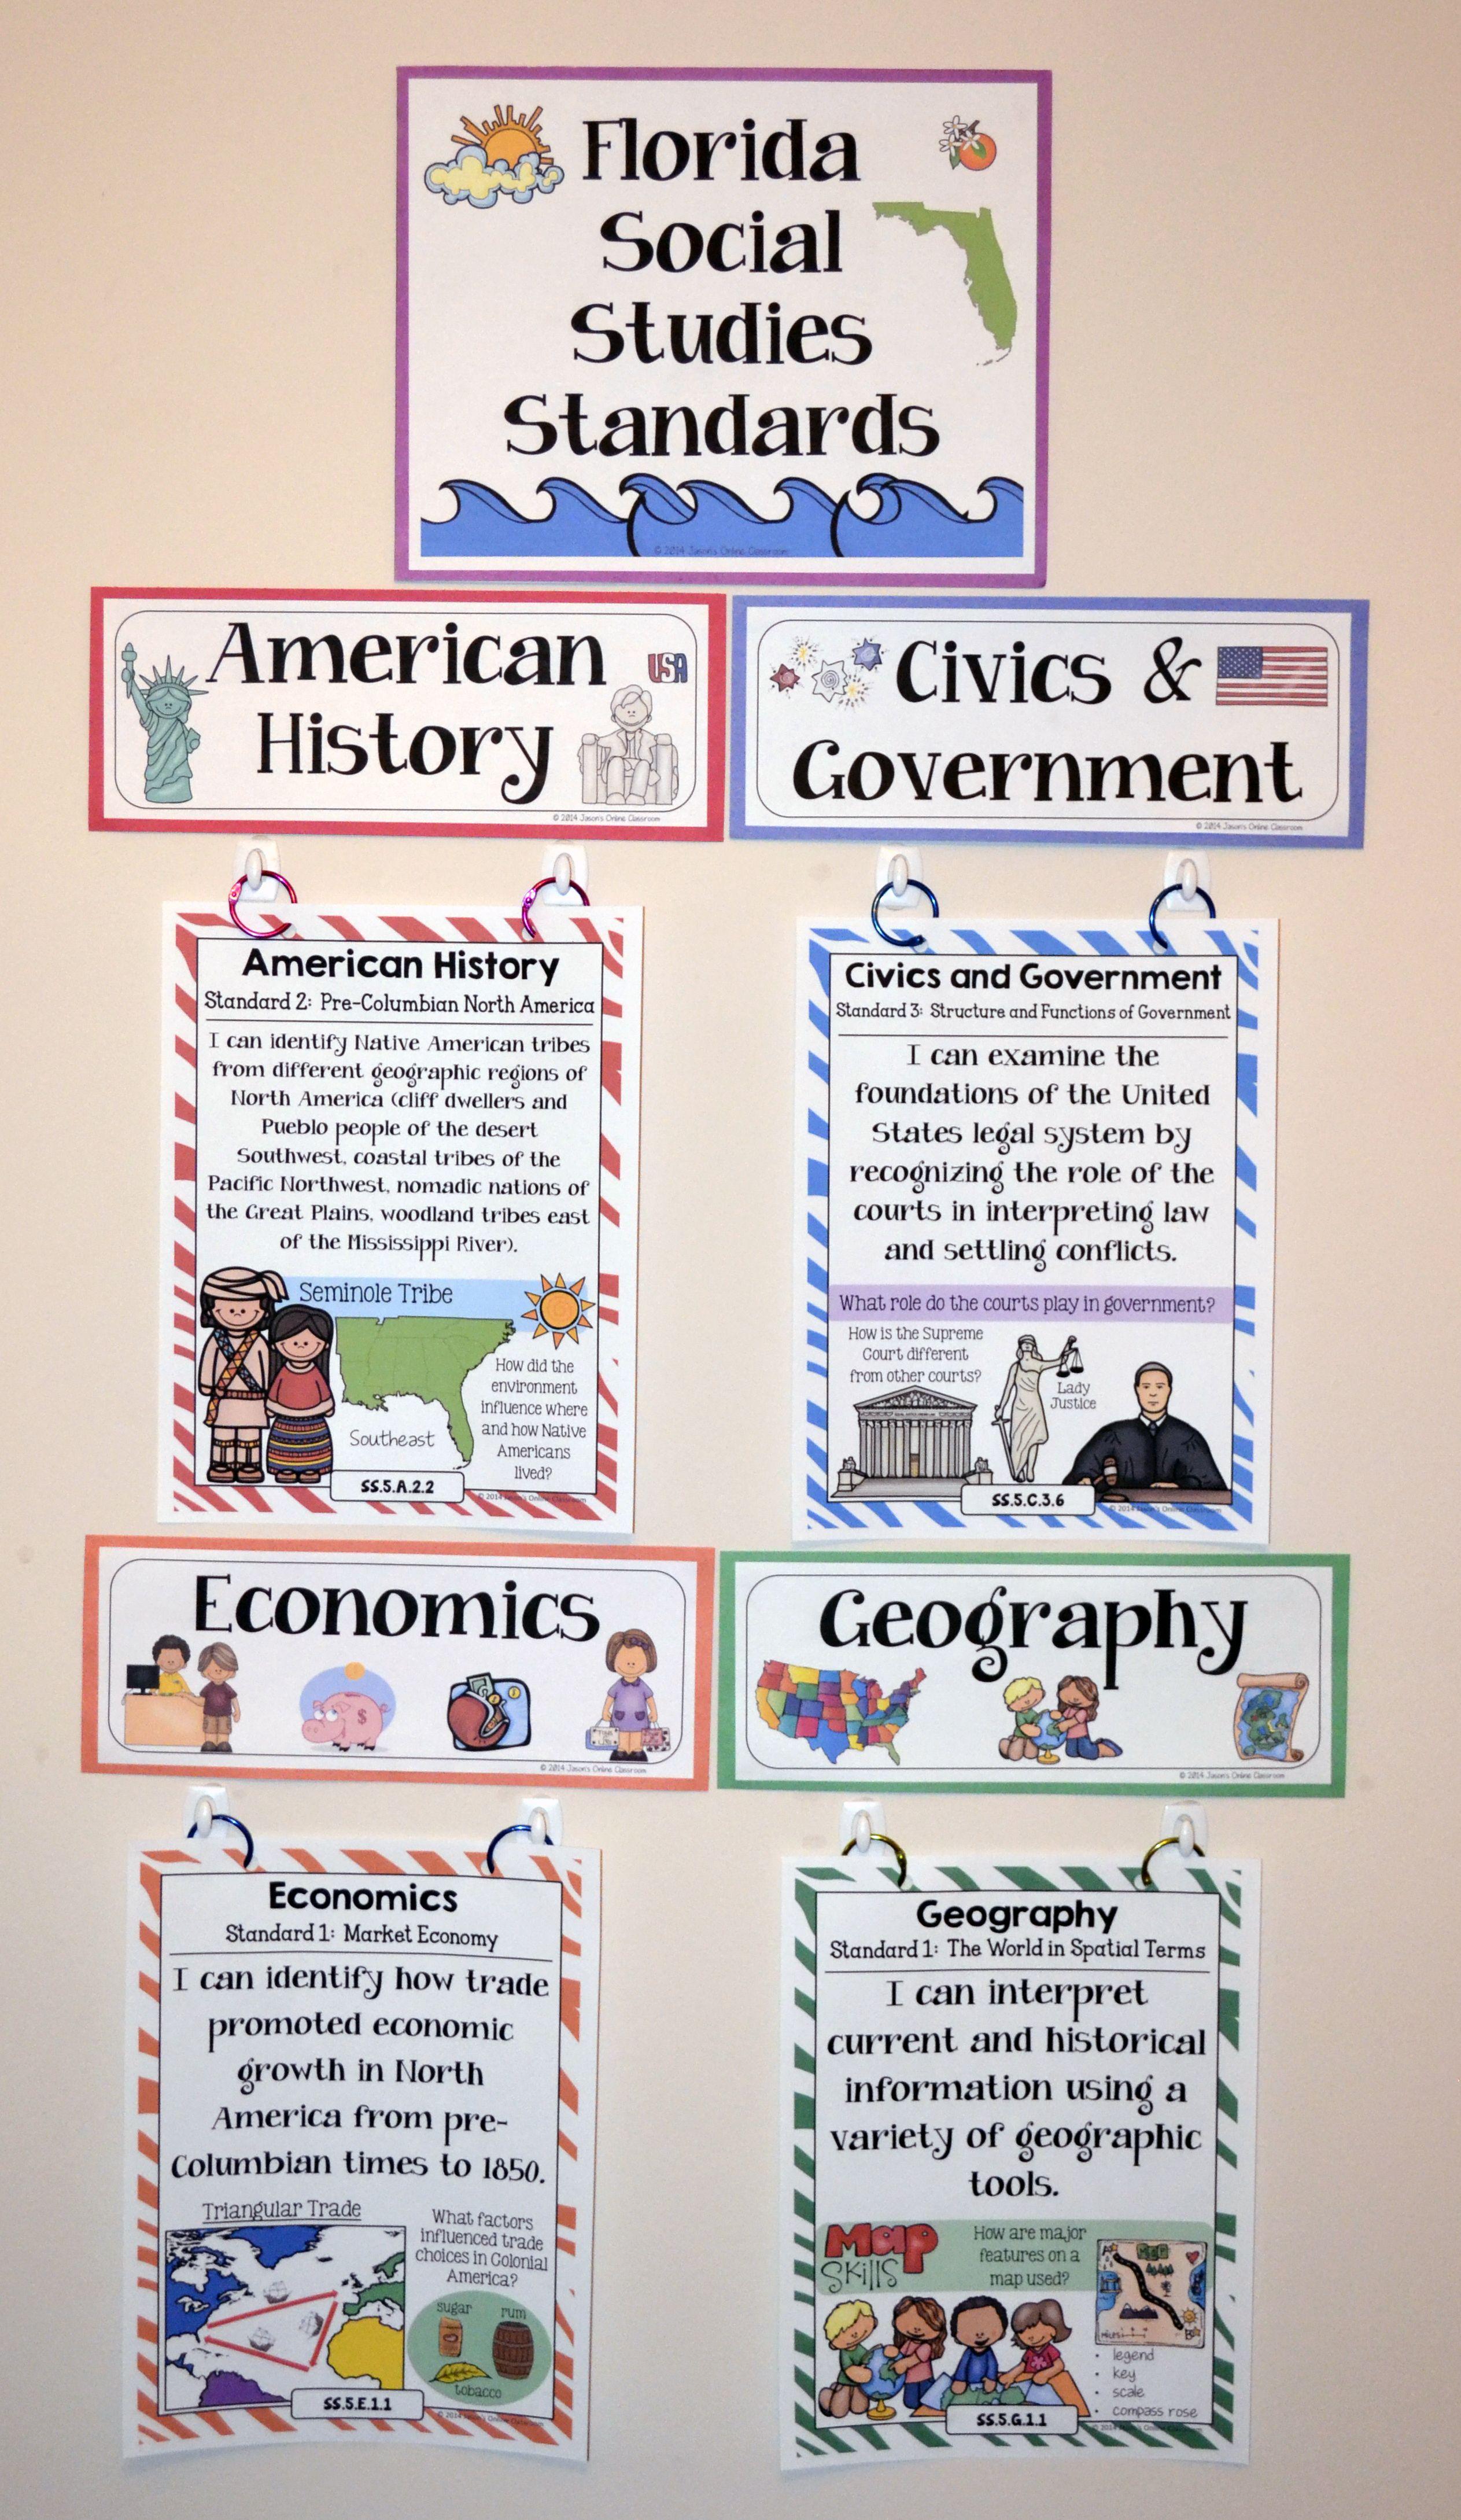 medium resolution of Florida Social Studies Standards - 5th Grade   Social studies